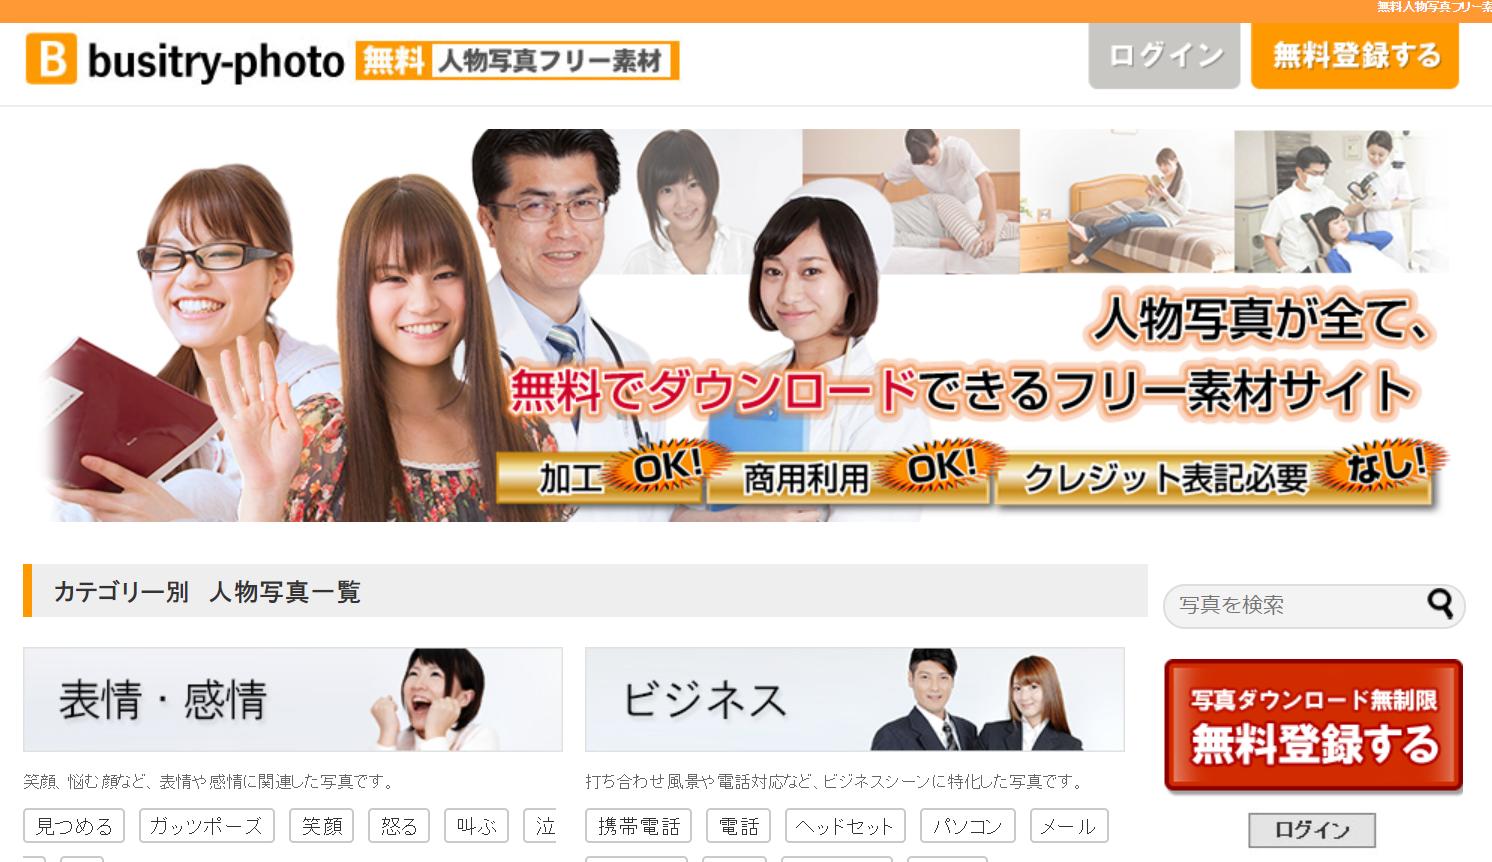 商用利用OK・無料で使える写真画像素材サイト